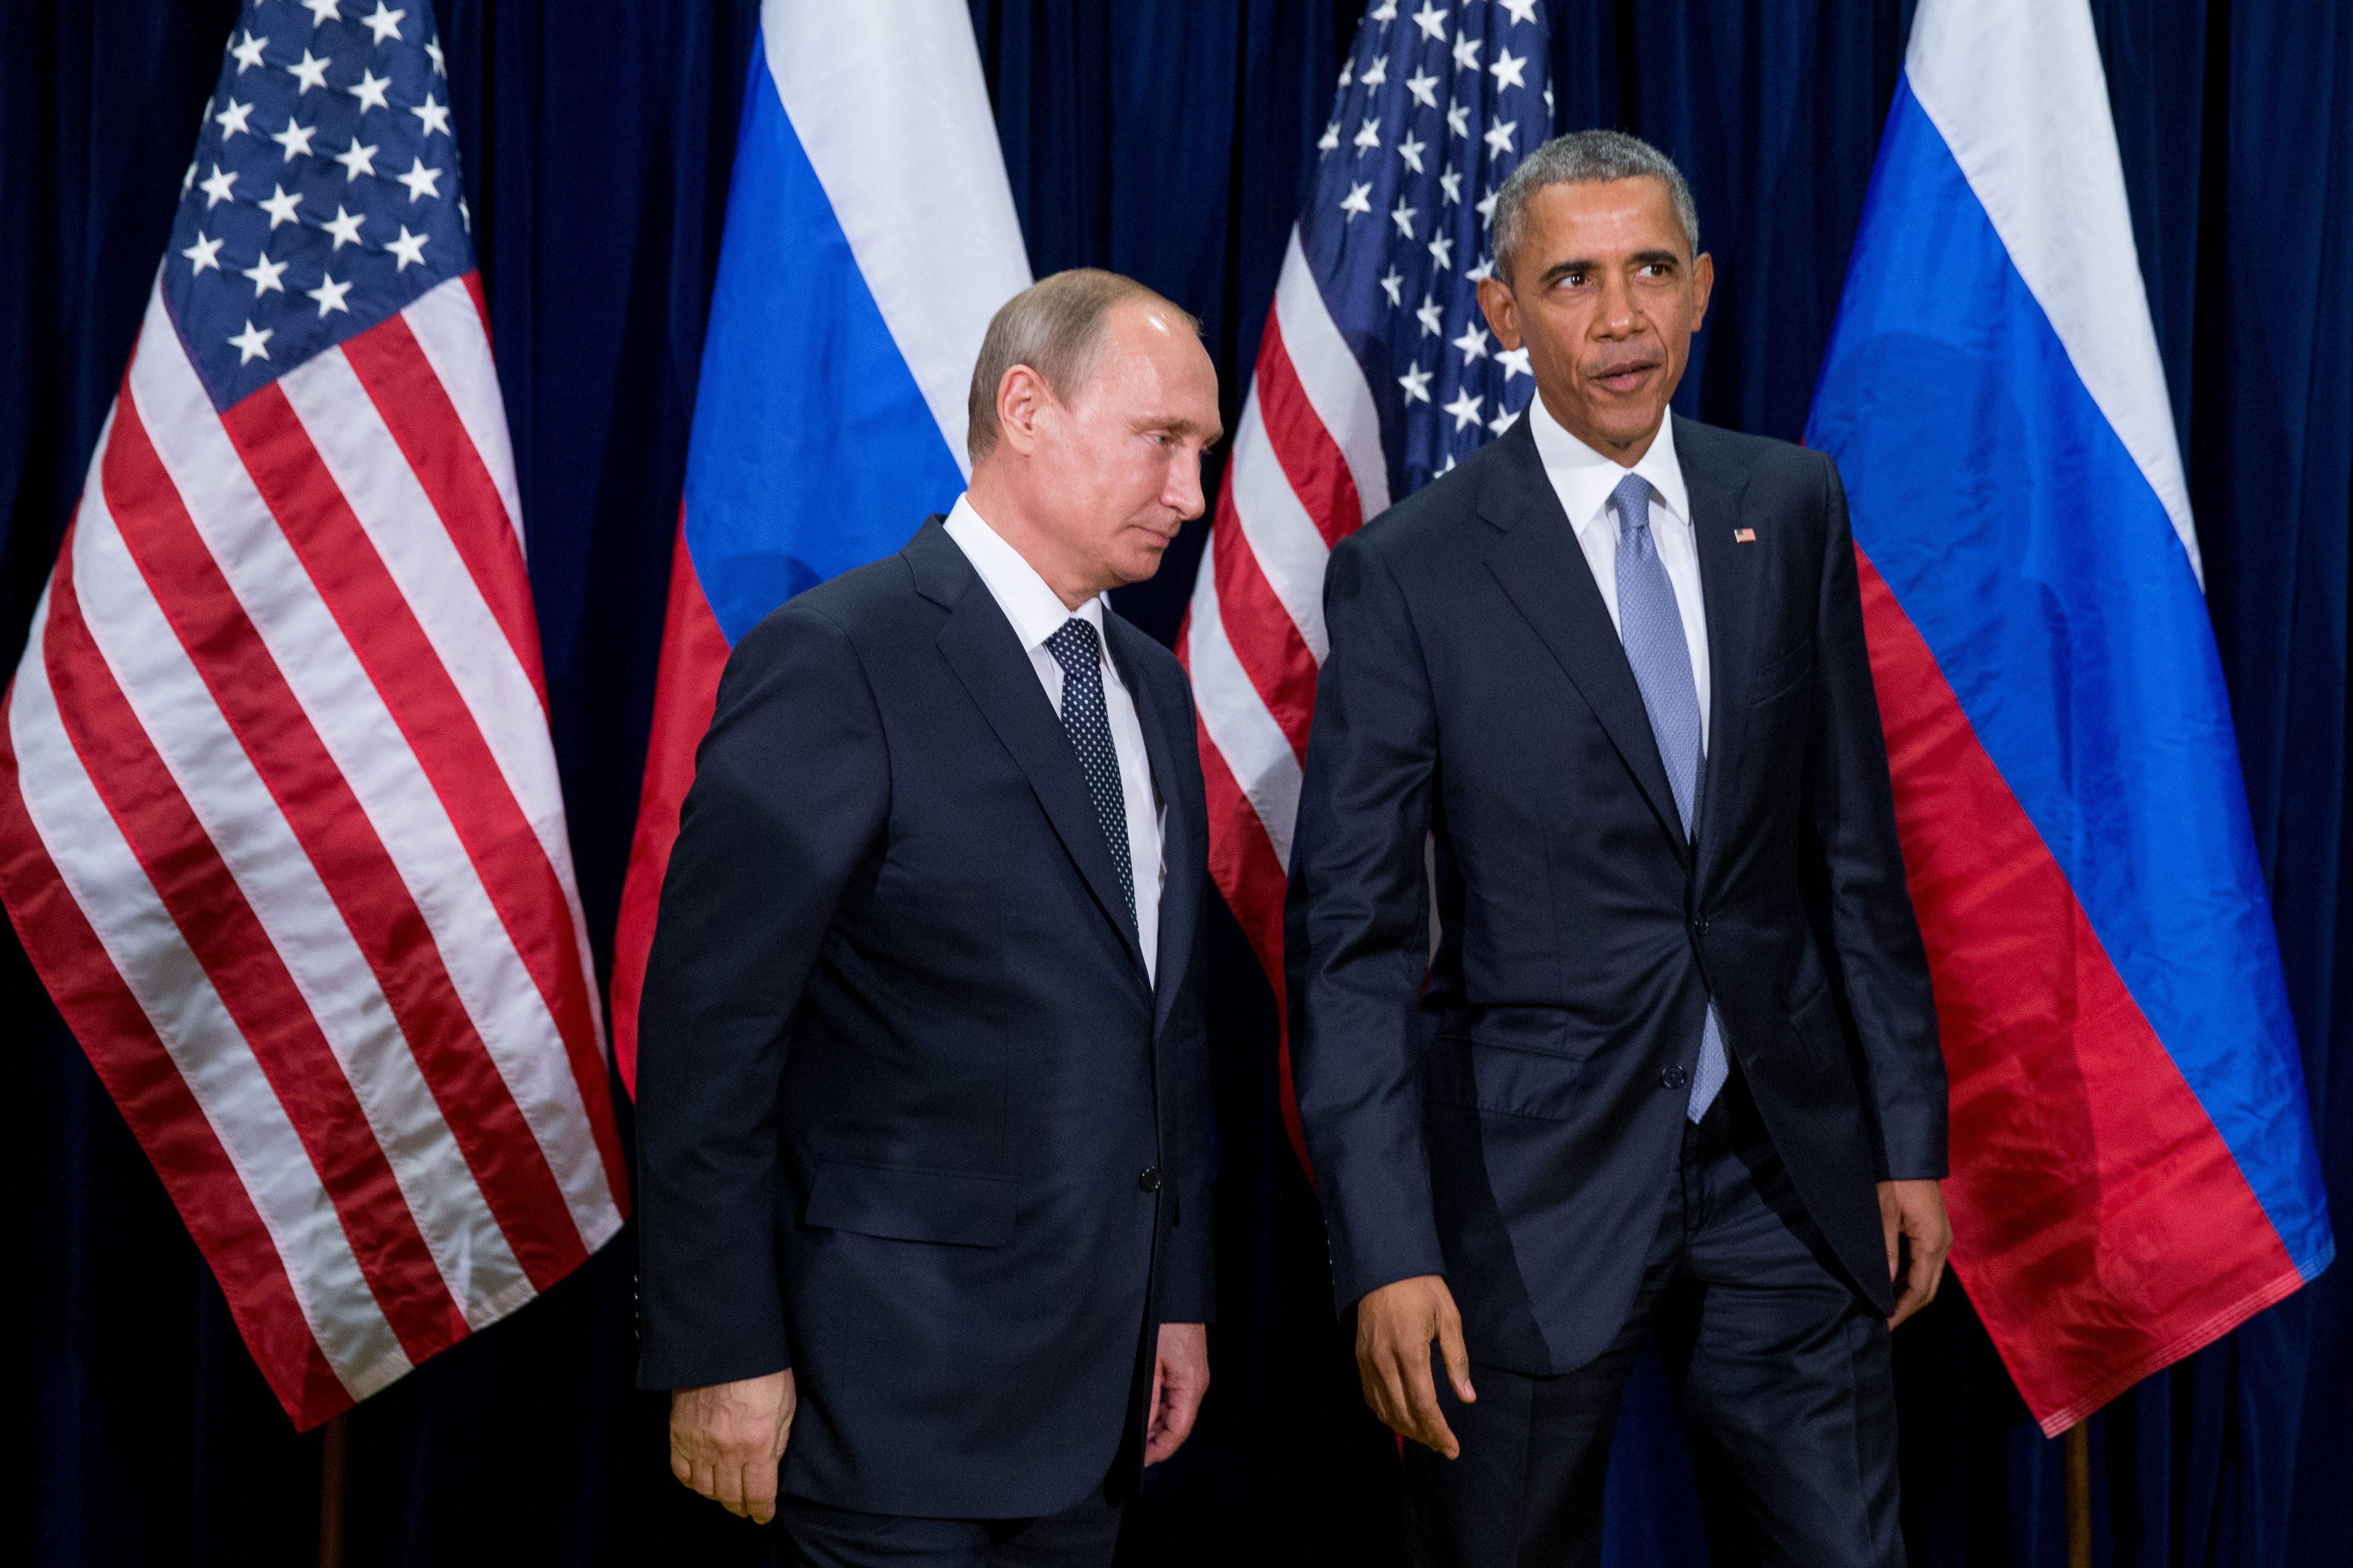 Un Charter Enemy States Un United States Russia